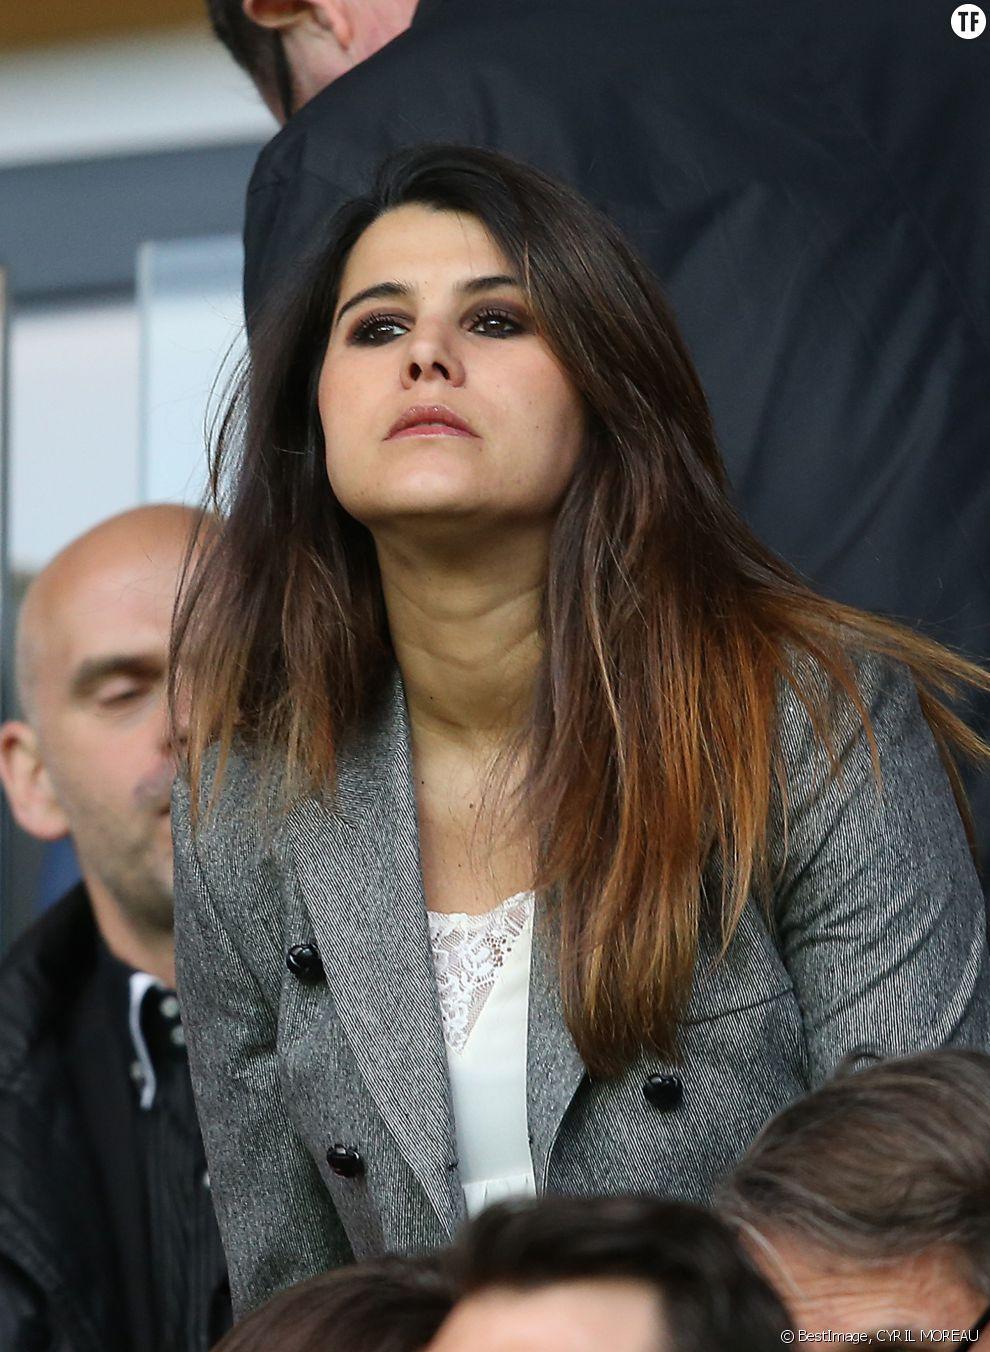 Karine Ferri assiste au match PSG - Rennes au Parc des Princes, le 29 avril 2016